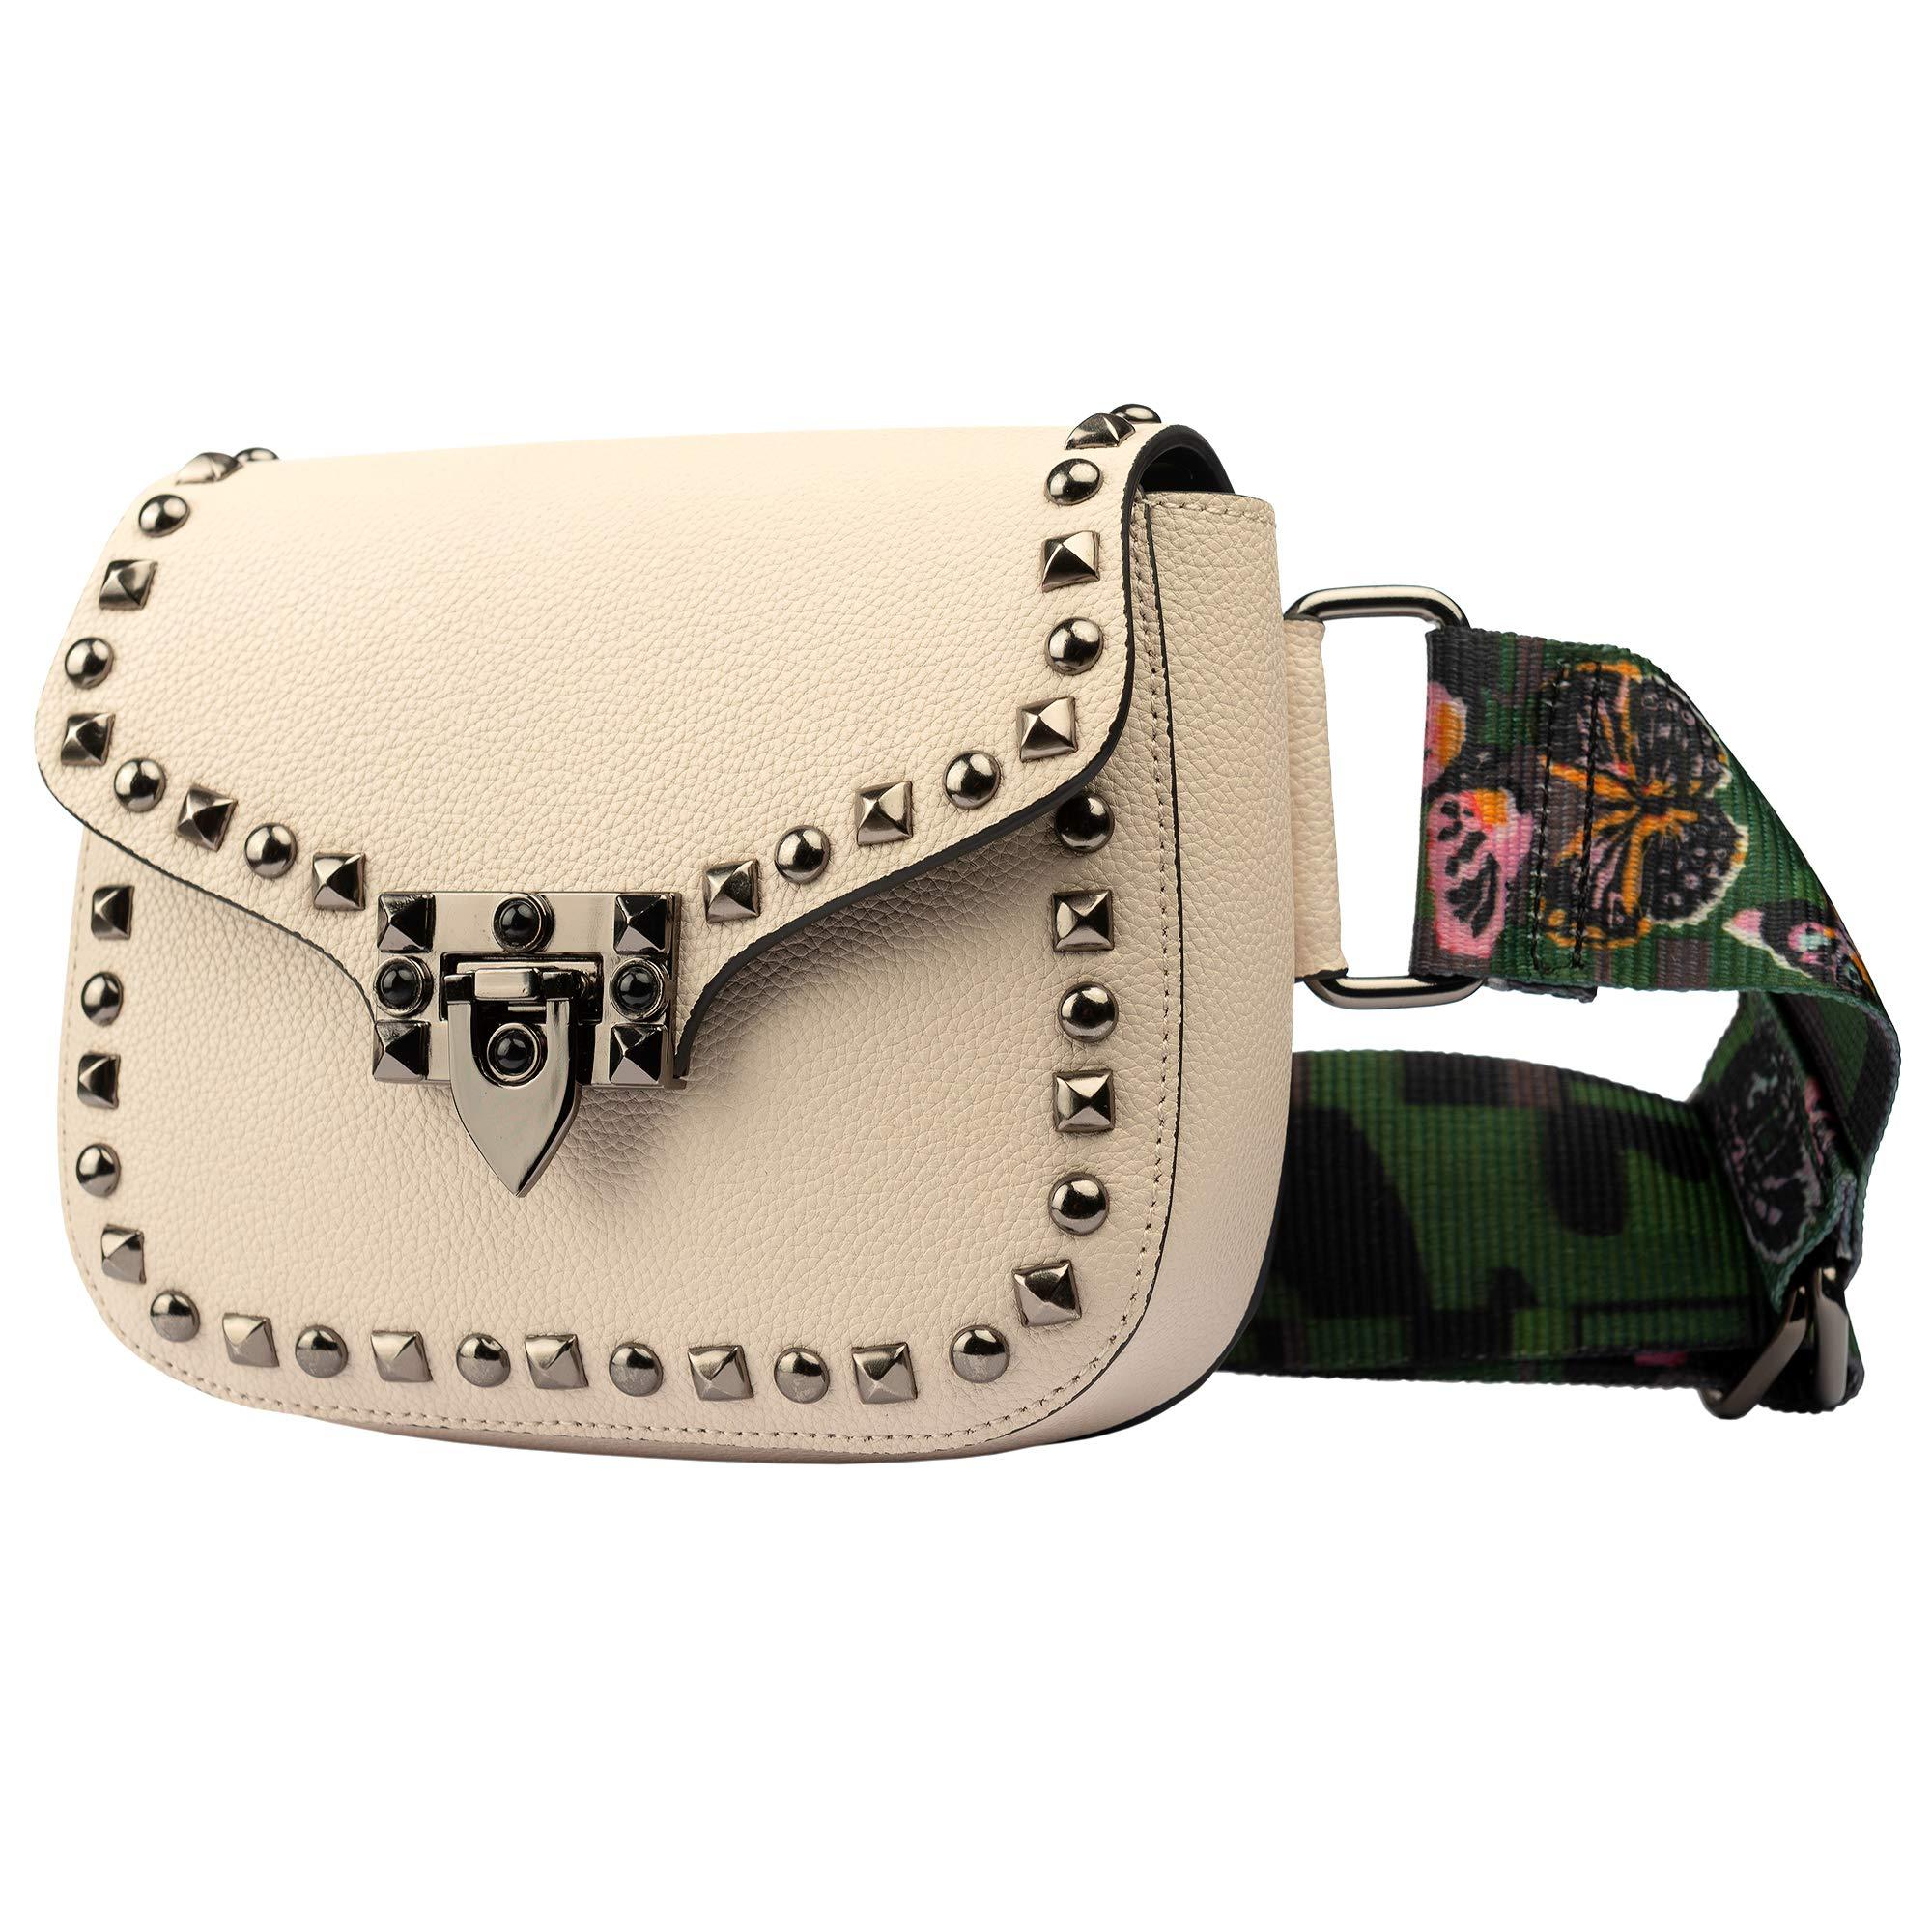 Leather Fanny Pack - Belt Bag for Women - Cute Fanny Pack - Plus Size Waist Bag - Fanny Packs for Women - Leather Fanny Pack for Women - Waist Bags for Women - Waist Purse for Women (Beige)